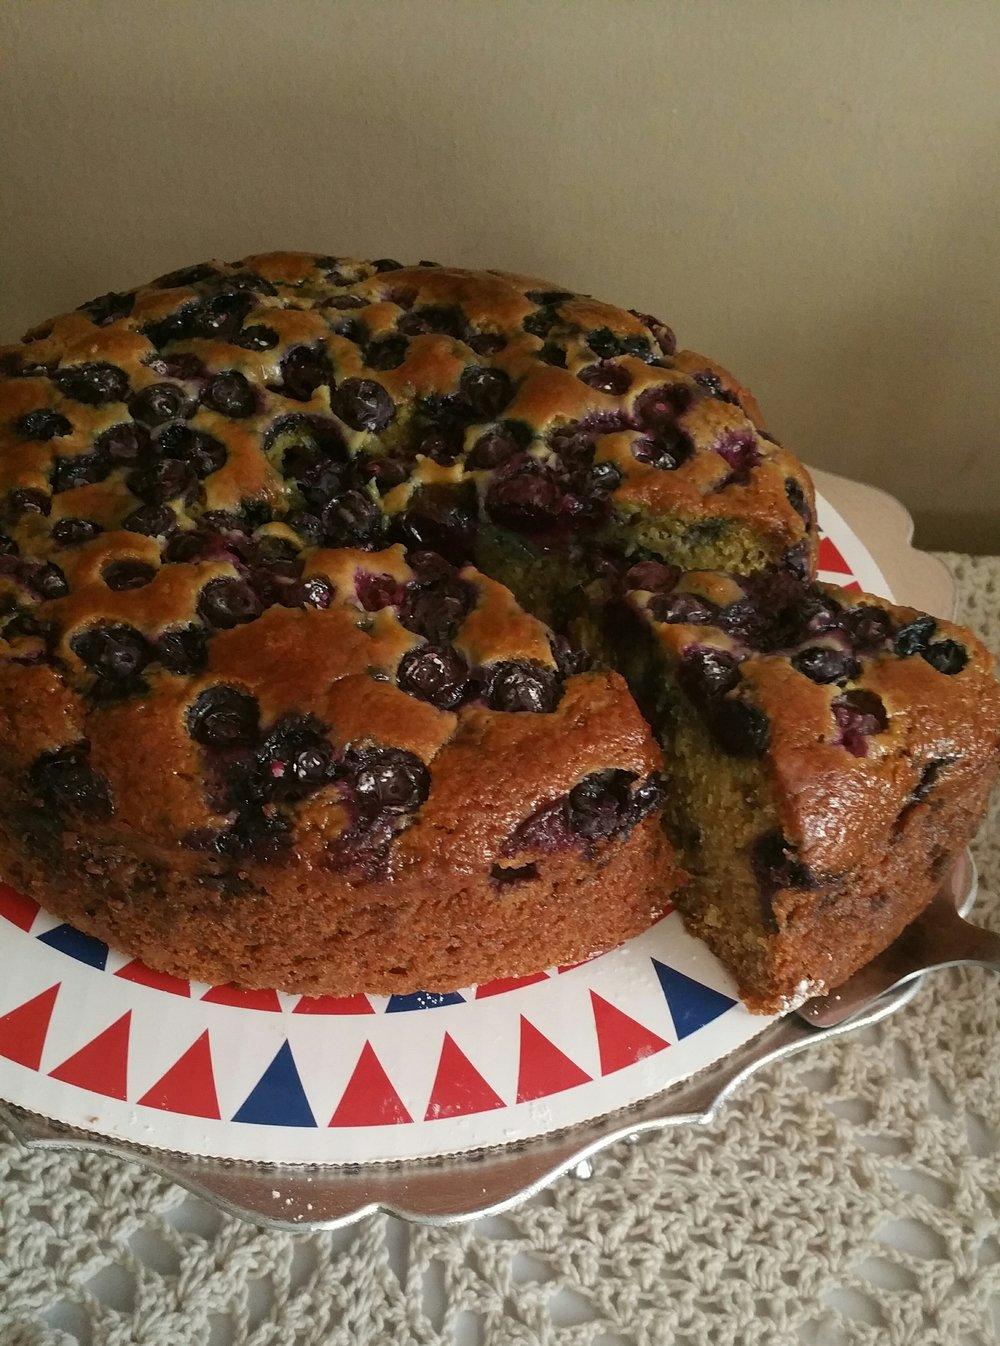 lemon_blueberry_full_cake.jpg